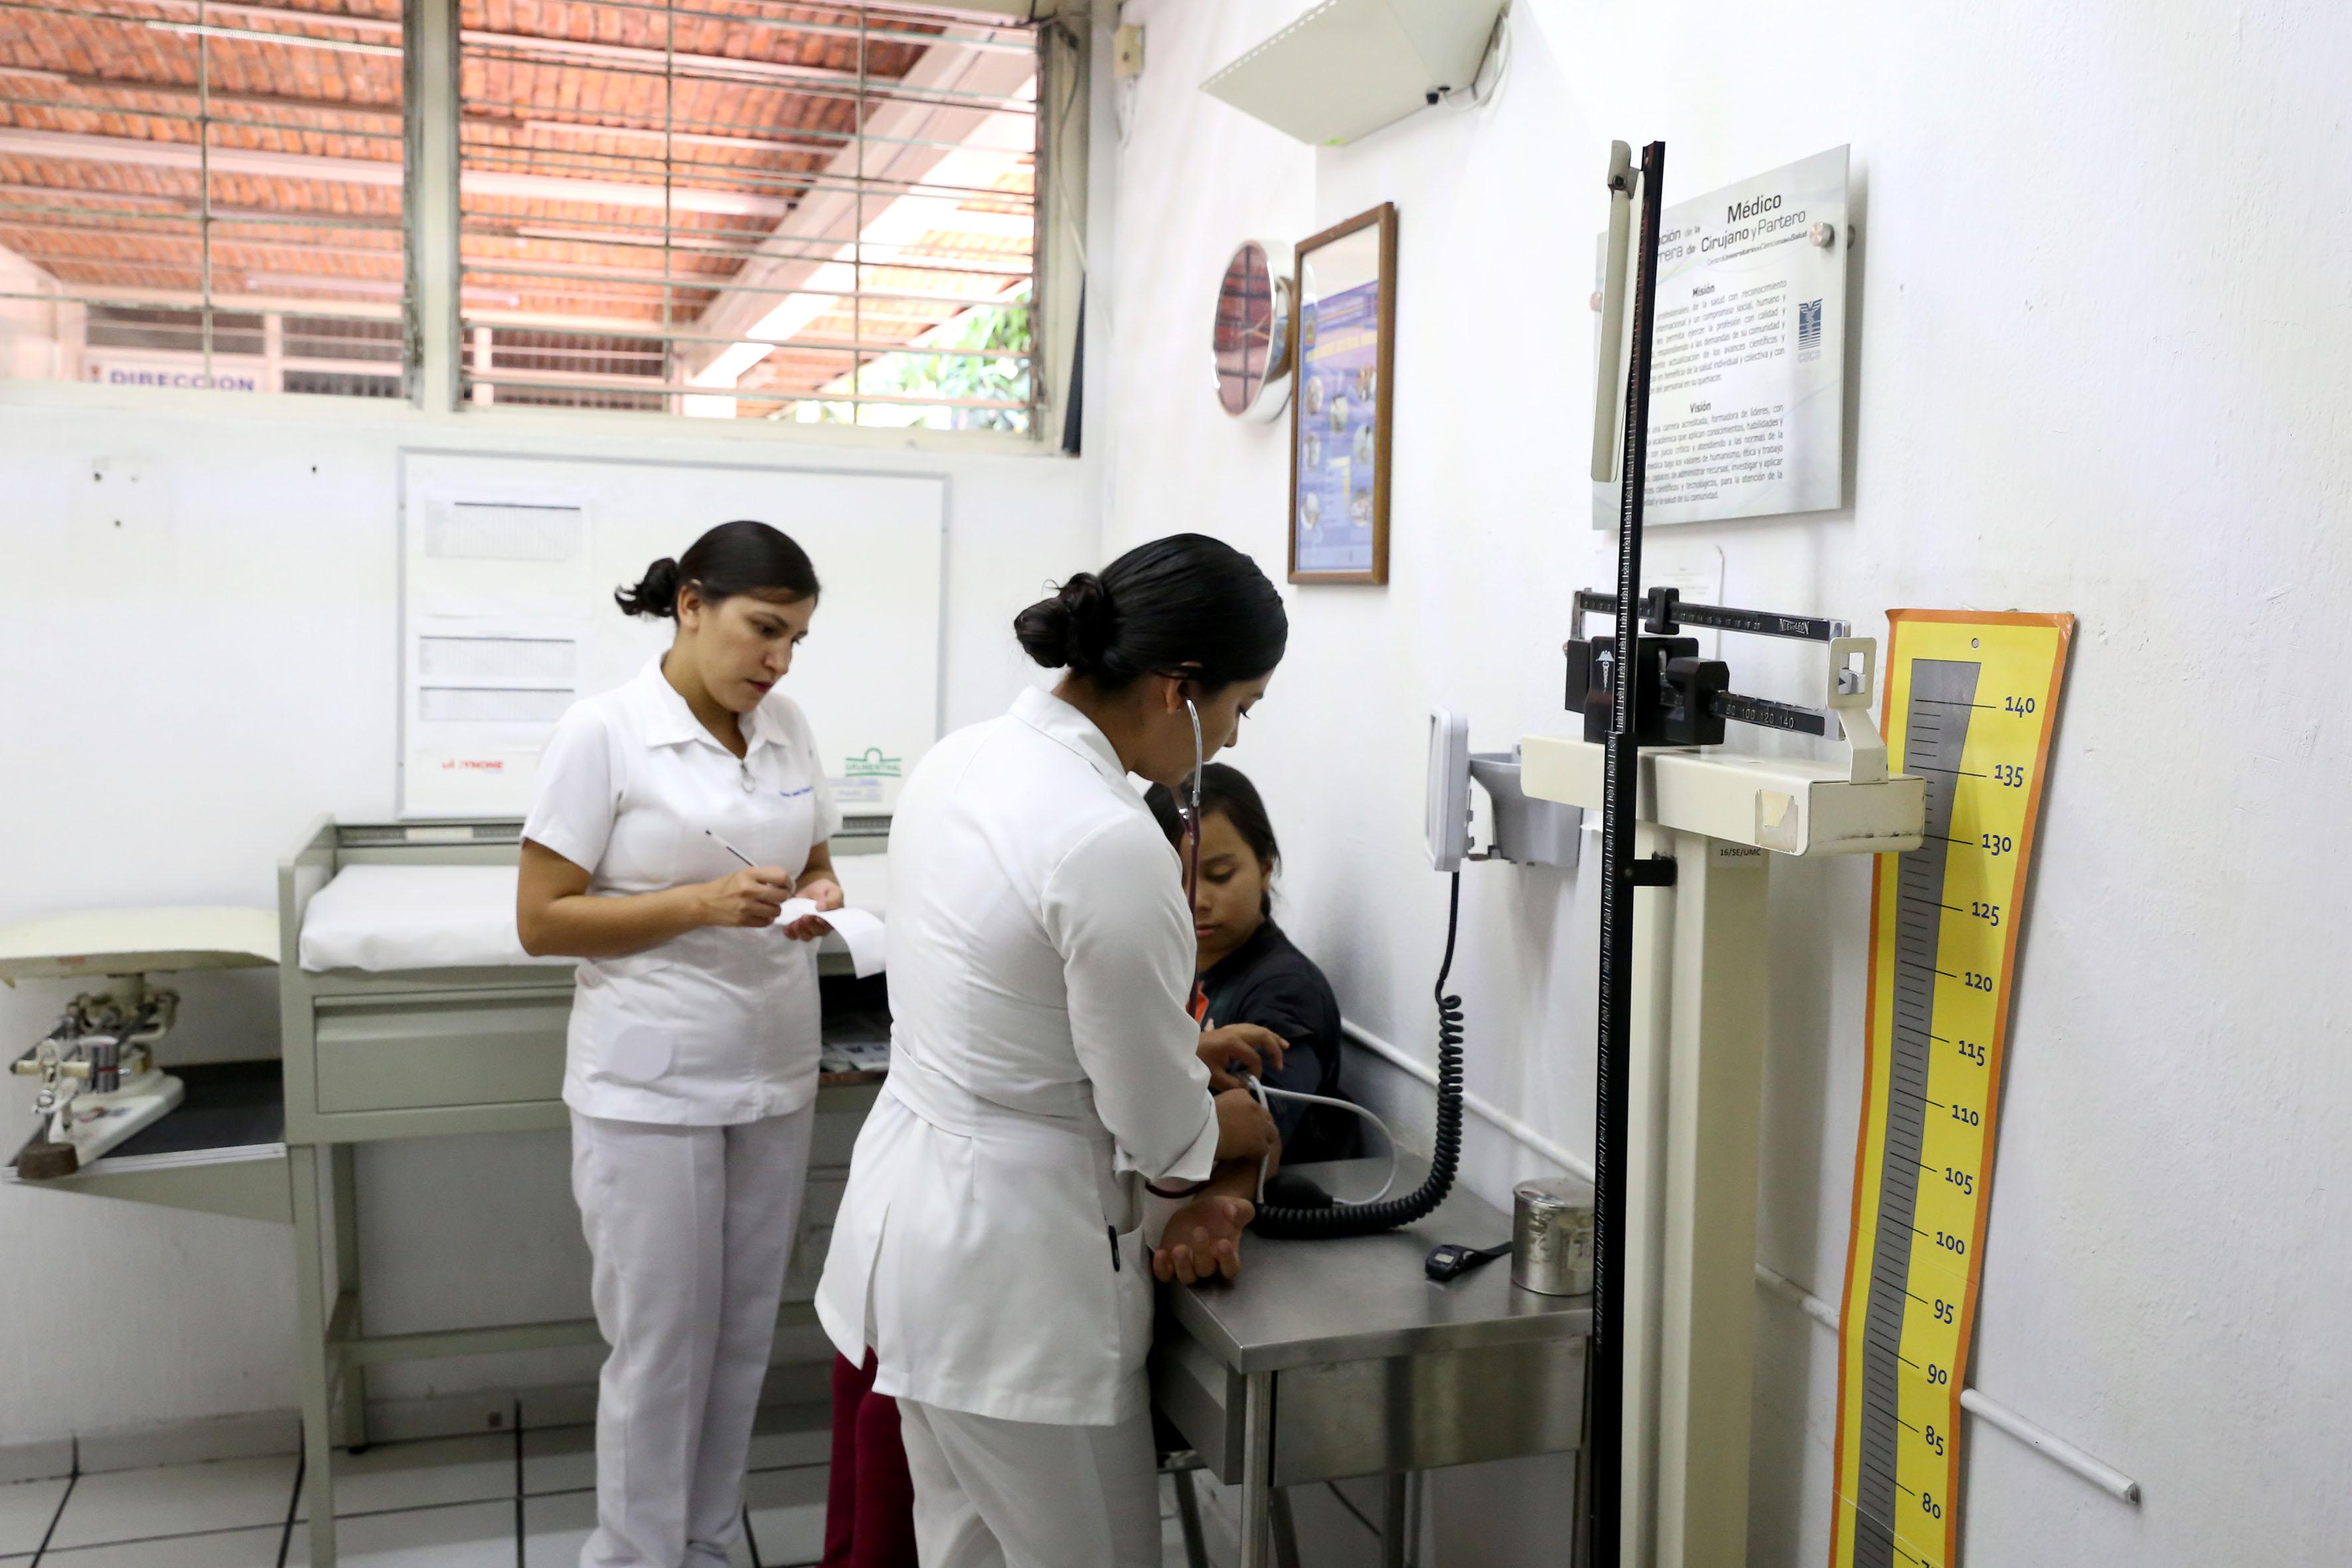 Enfermeras tomando la presión a un paciente adulto